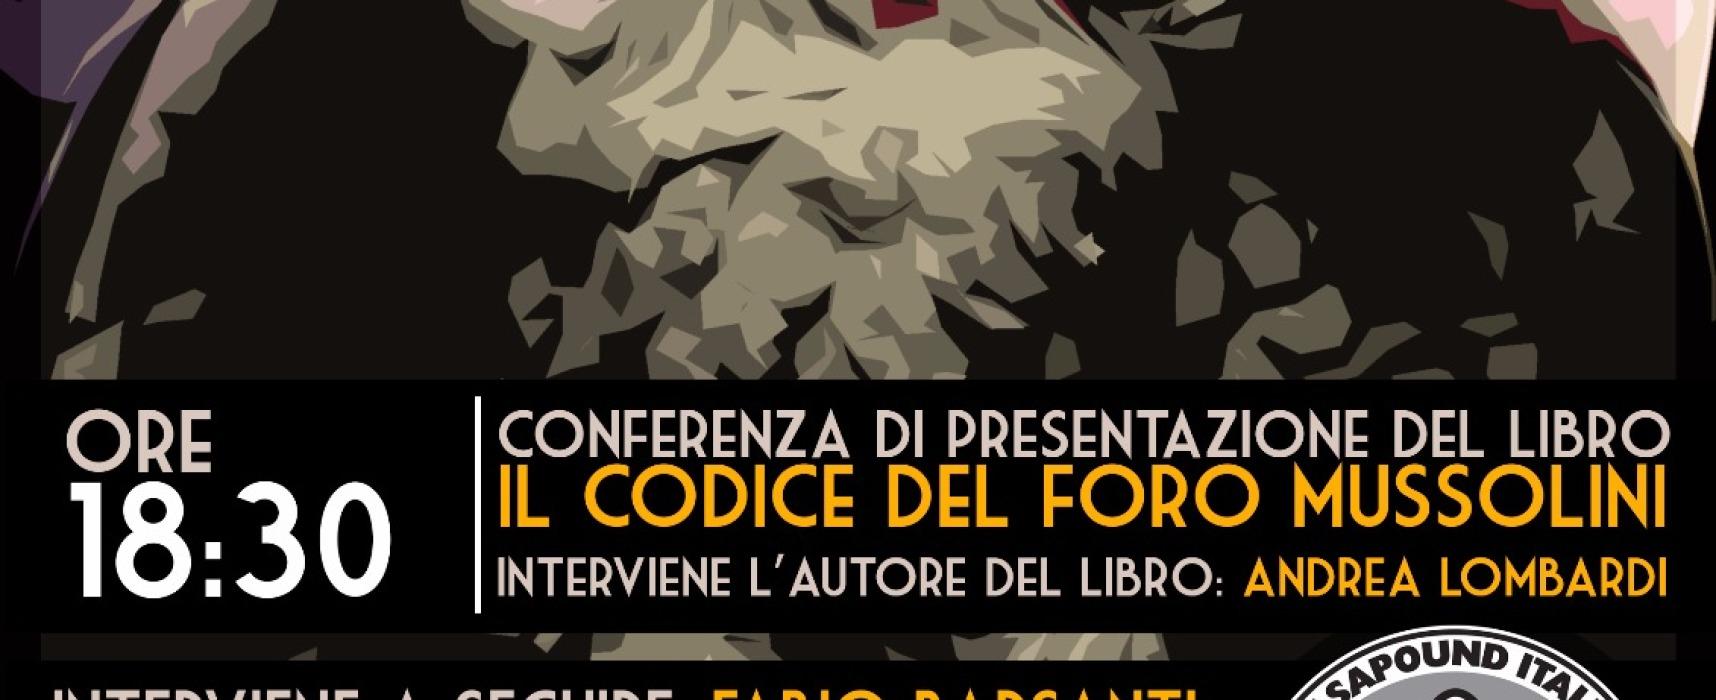 La sezione di CasaPound Piana di Lucca compie un anno. Iniziativa a San Salvatore.